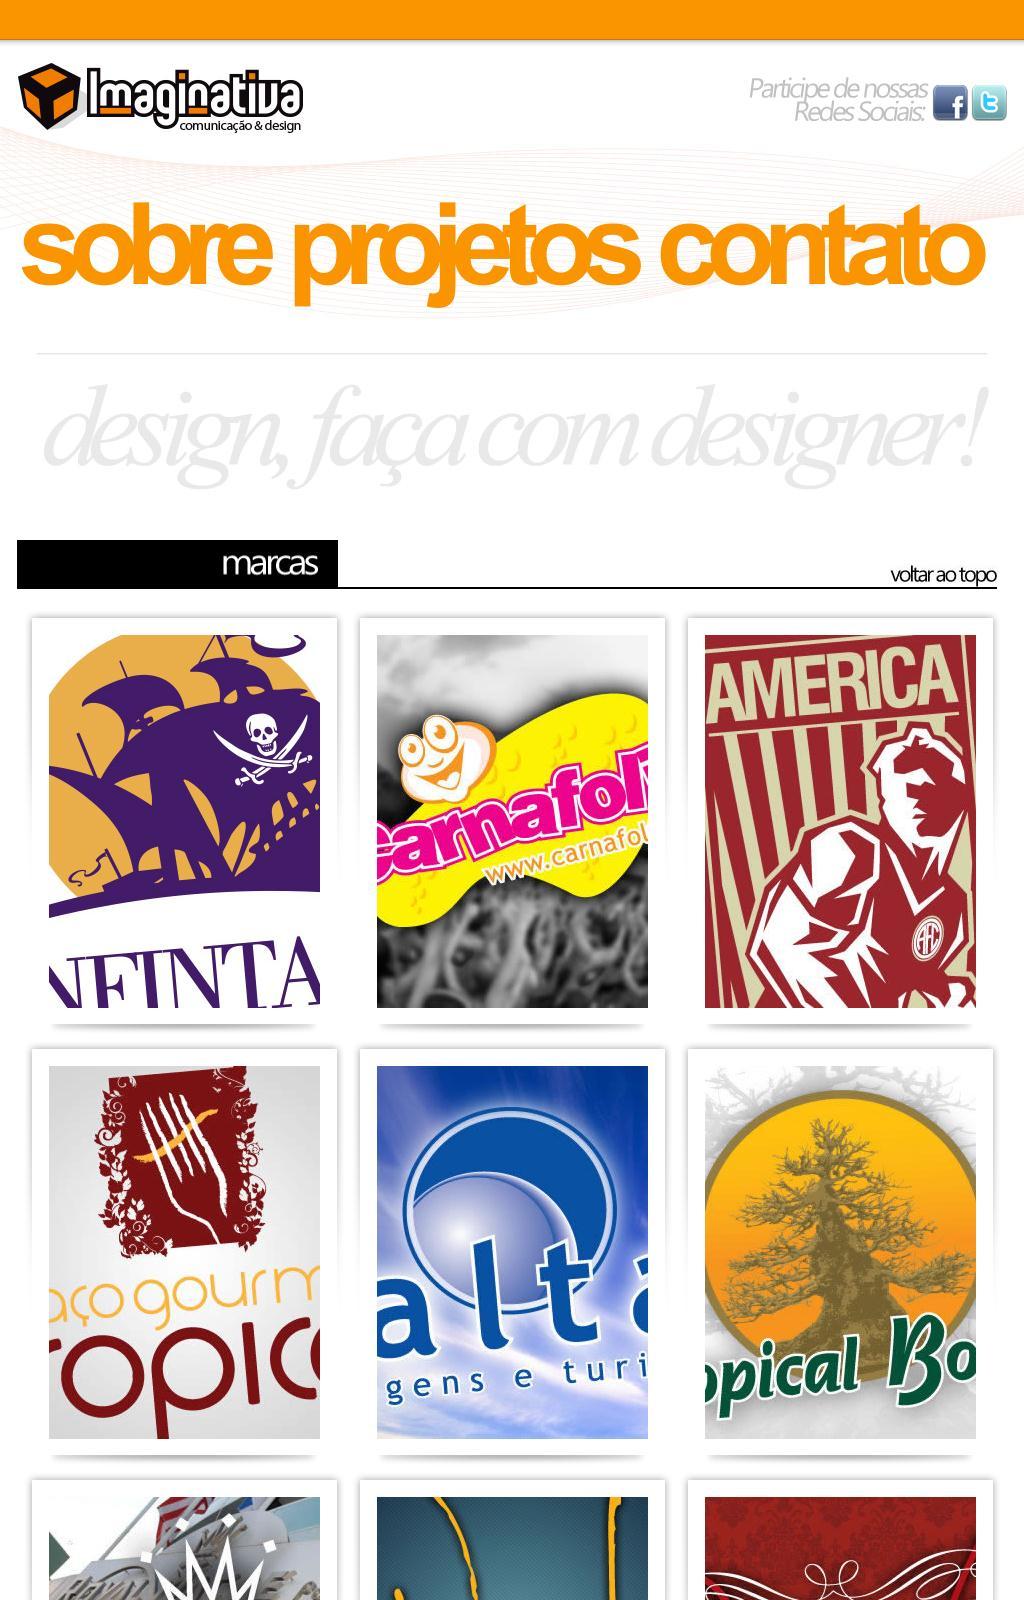 Imaginativa | comunicação & design